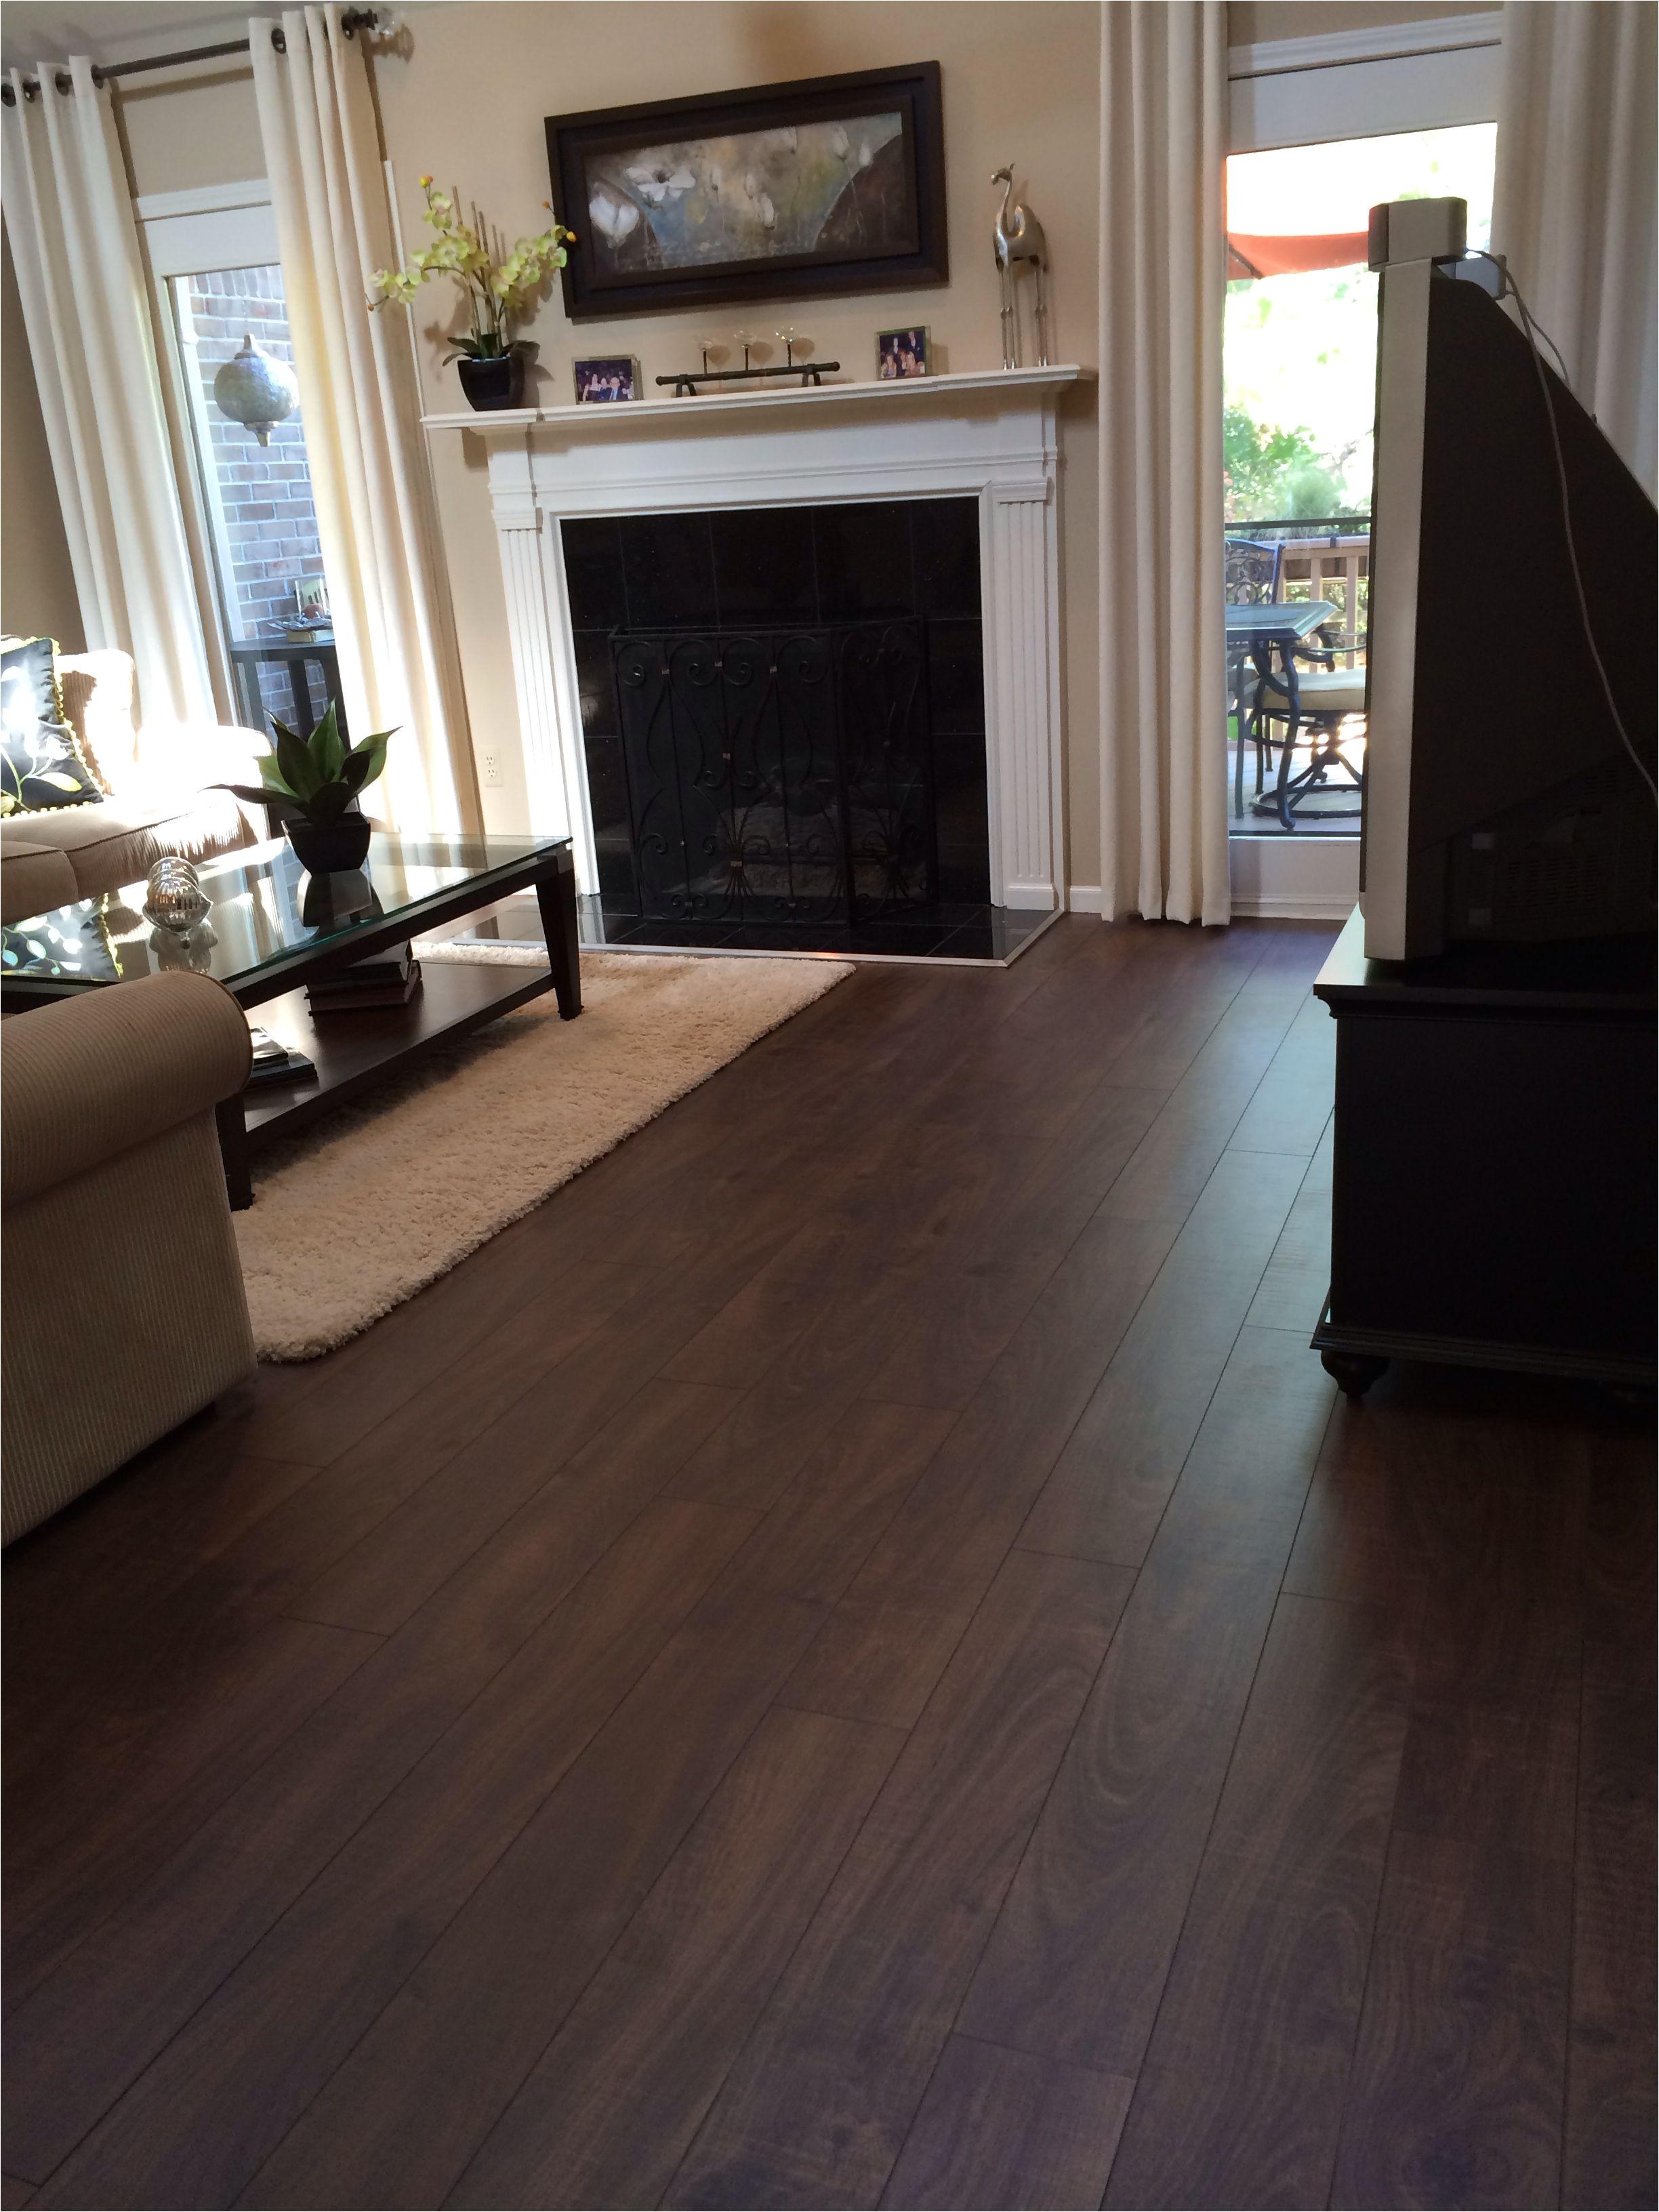 dark wood tile floor fresh pergo flooring lovely s media cache ak0 pinimg 736x 43 0d